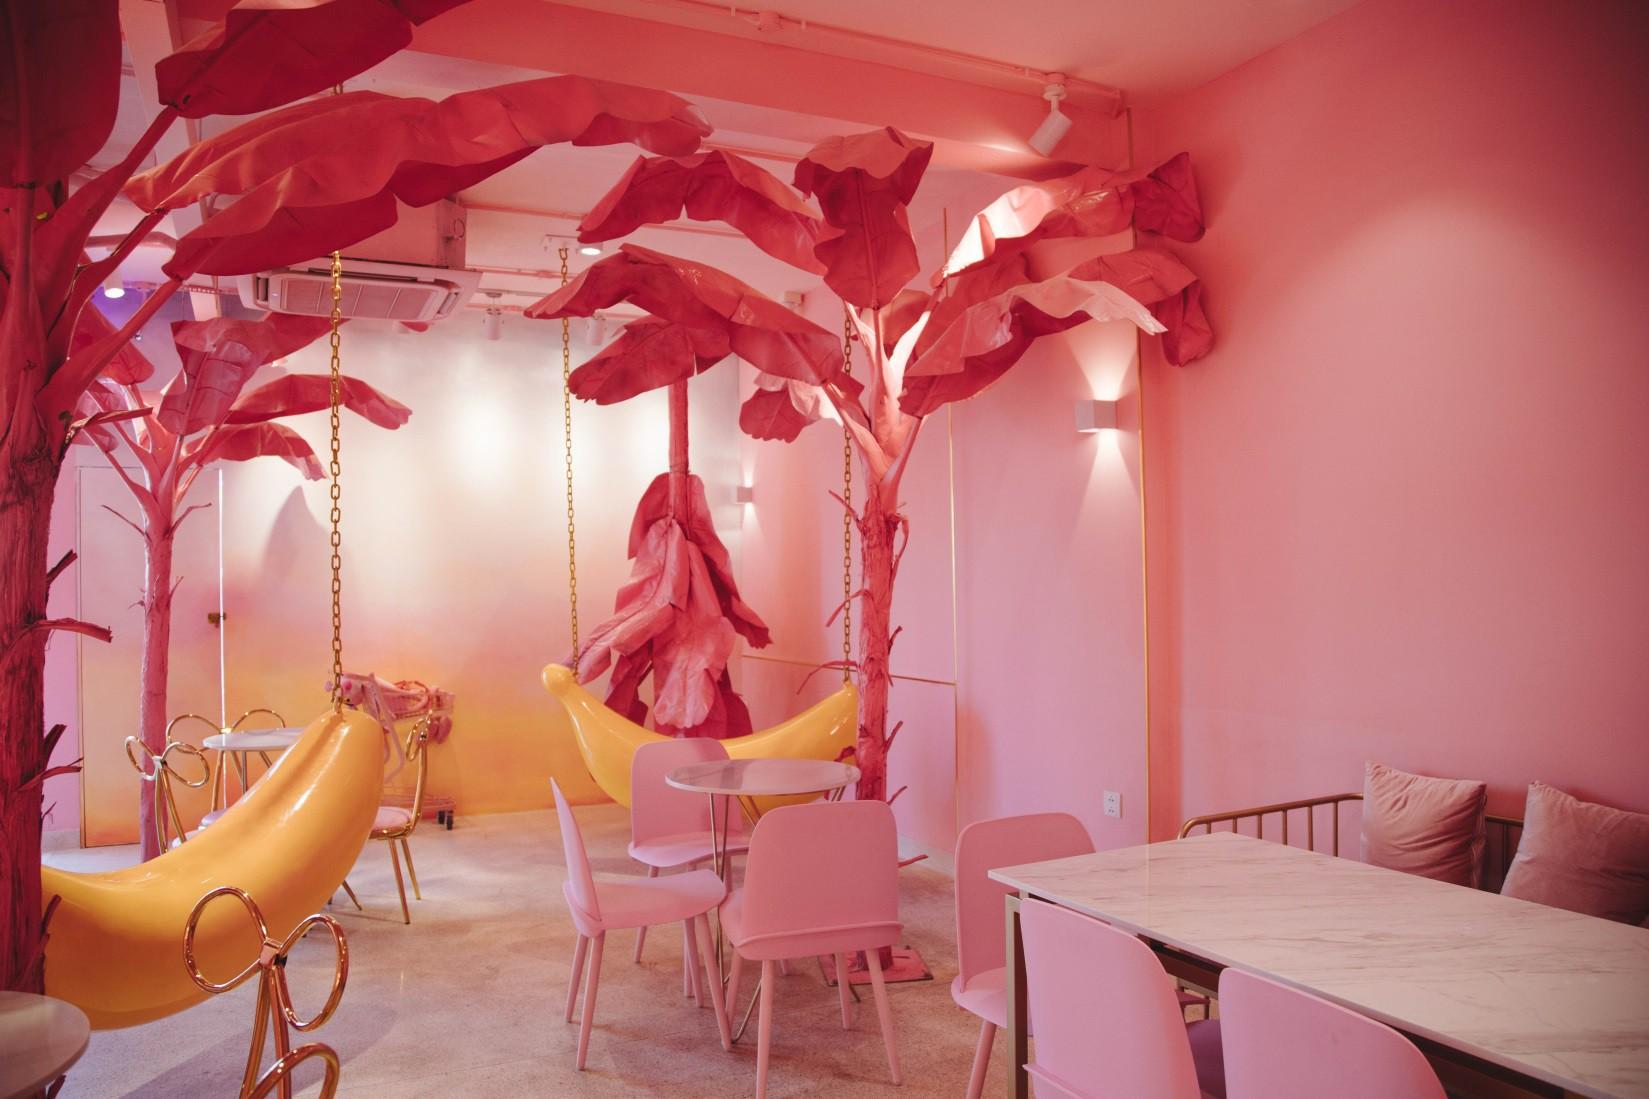 List quán ngon must-have trên đường Phan Xích Long thêm dài với sự xuất hiện của R&B phiên bản Pink độc đáo - Ảnh 5.